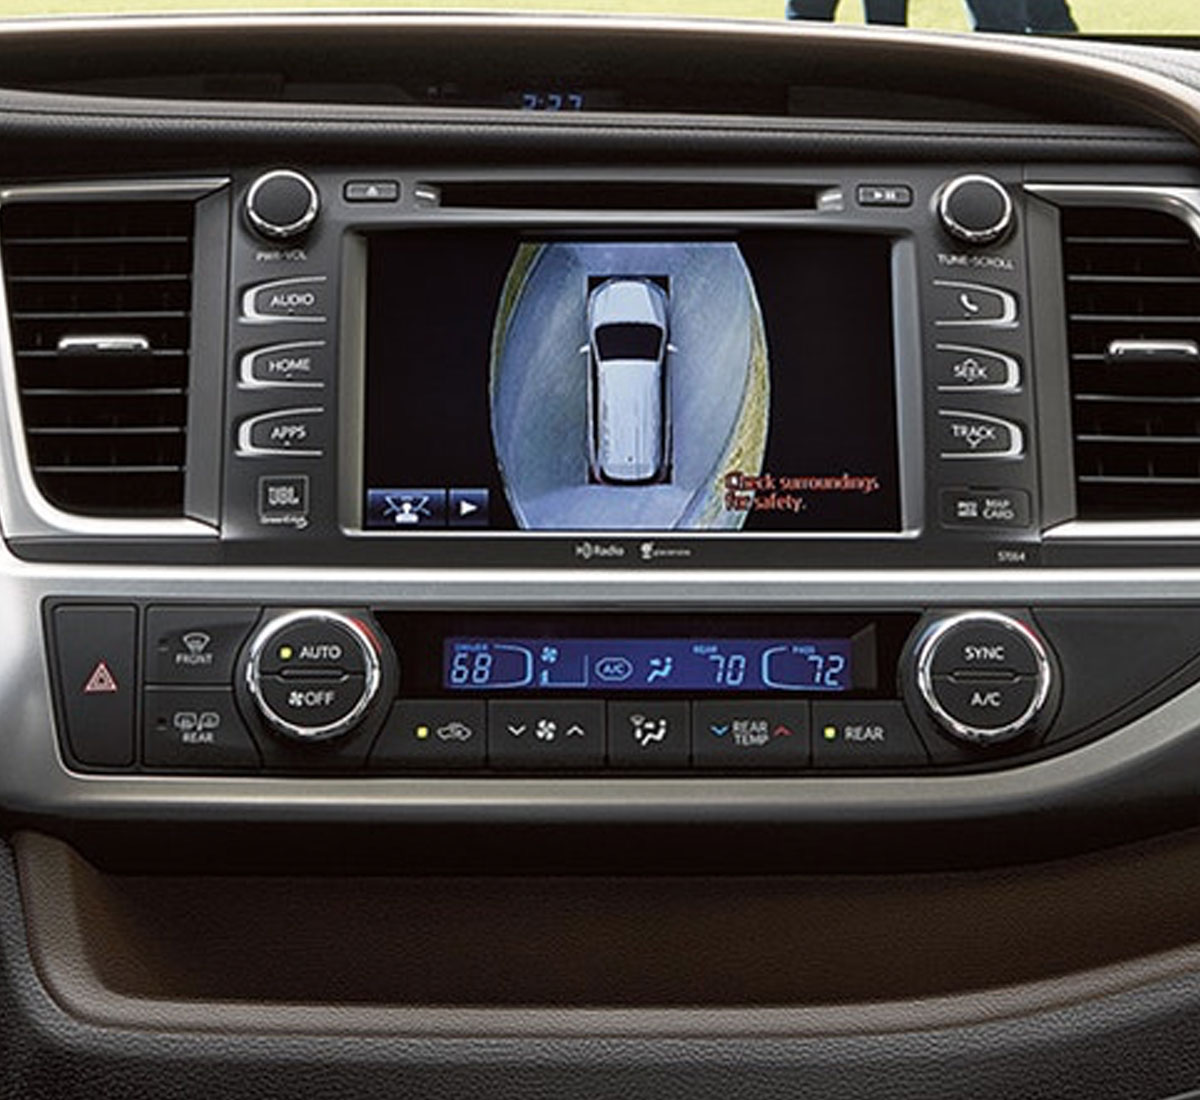 Pictures Of Toyota Highlander: 2018 Toyota Highlander